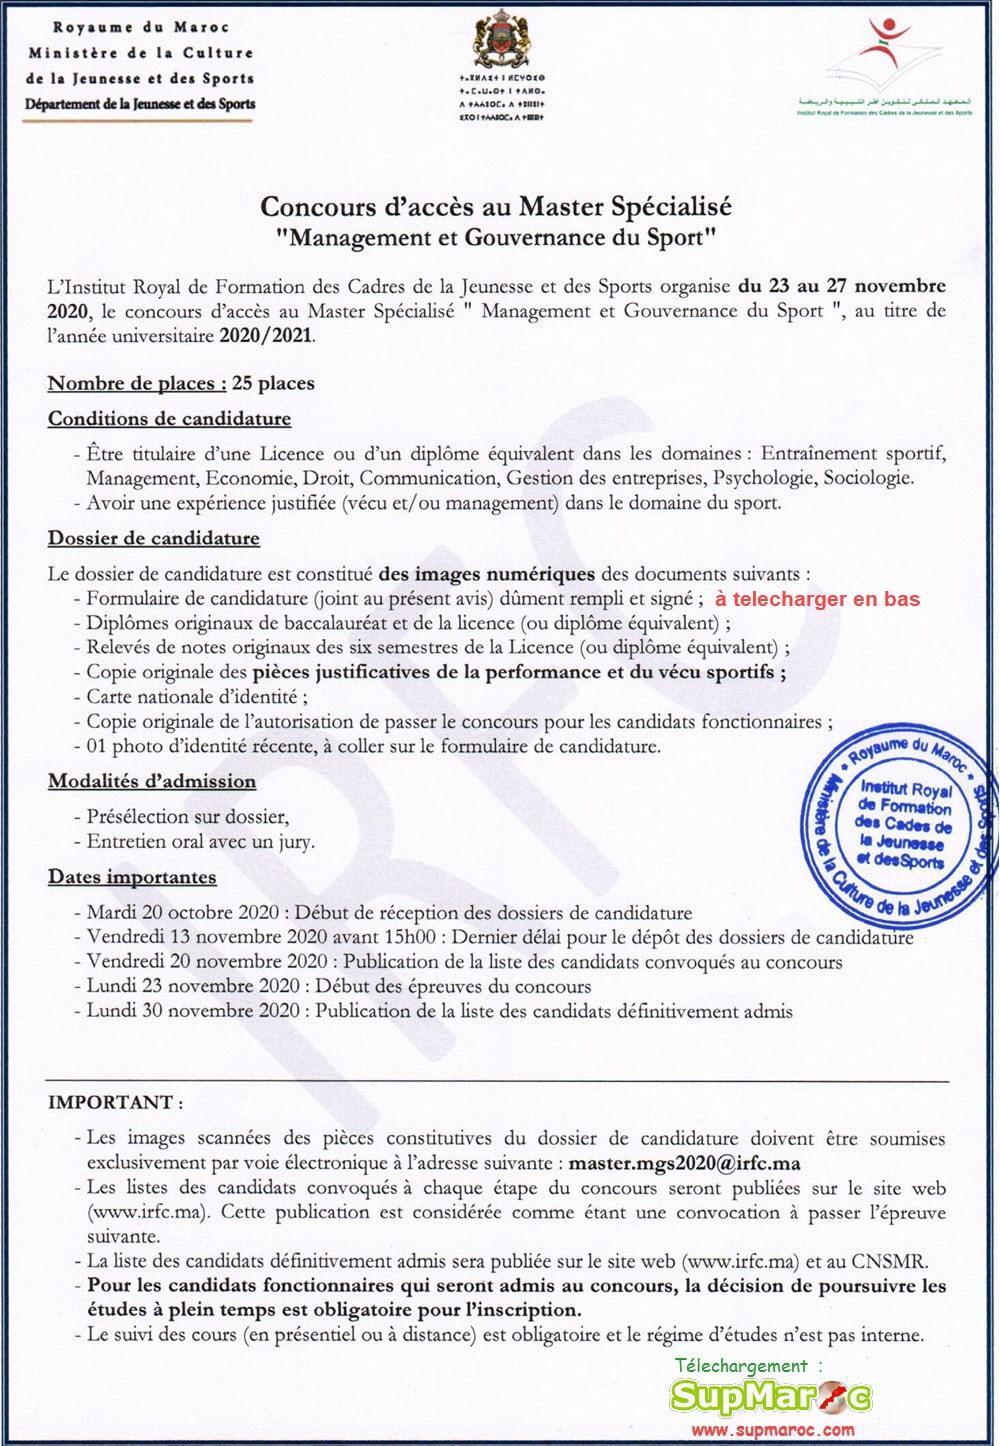 Concours d'accès au Master Spécialisé IRFC Institut Royal Formation Cadres 2020 / 2021